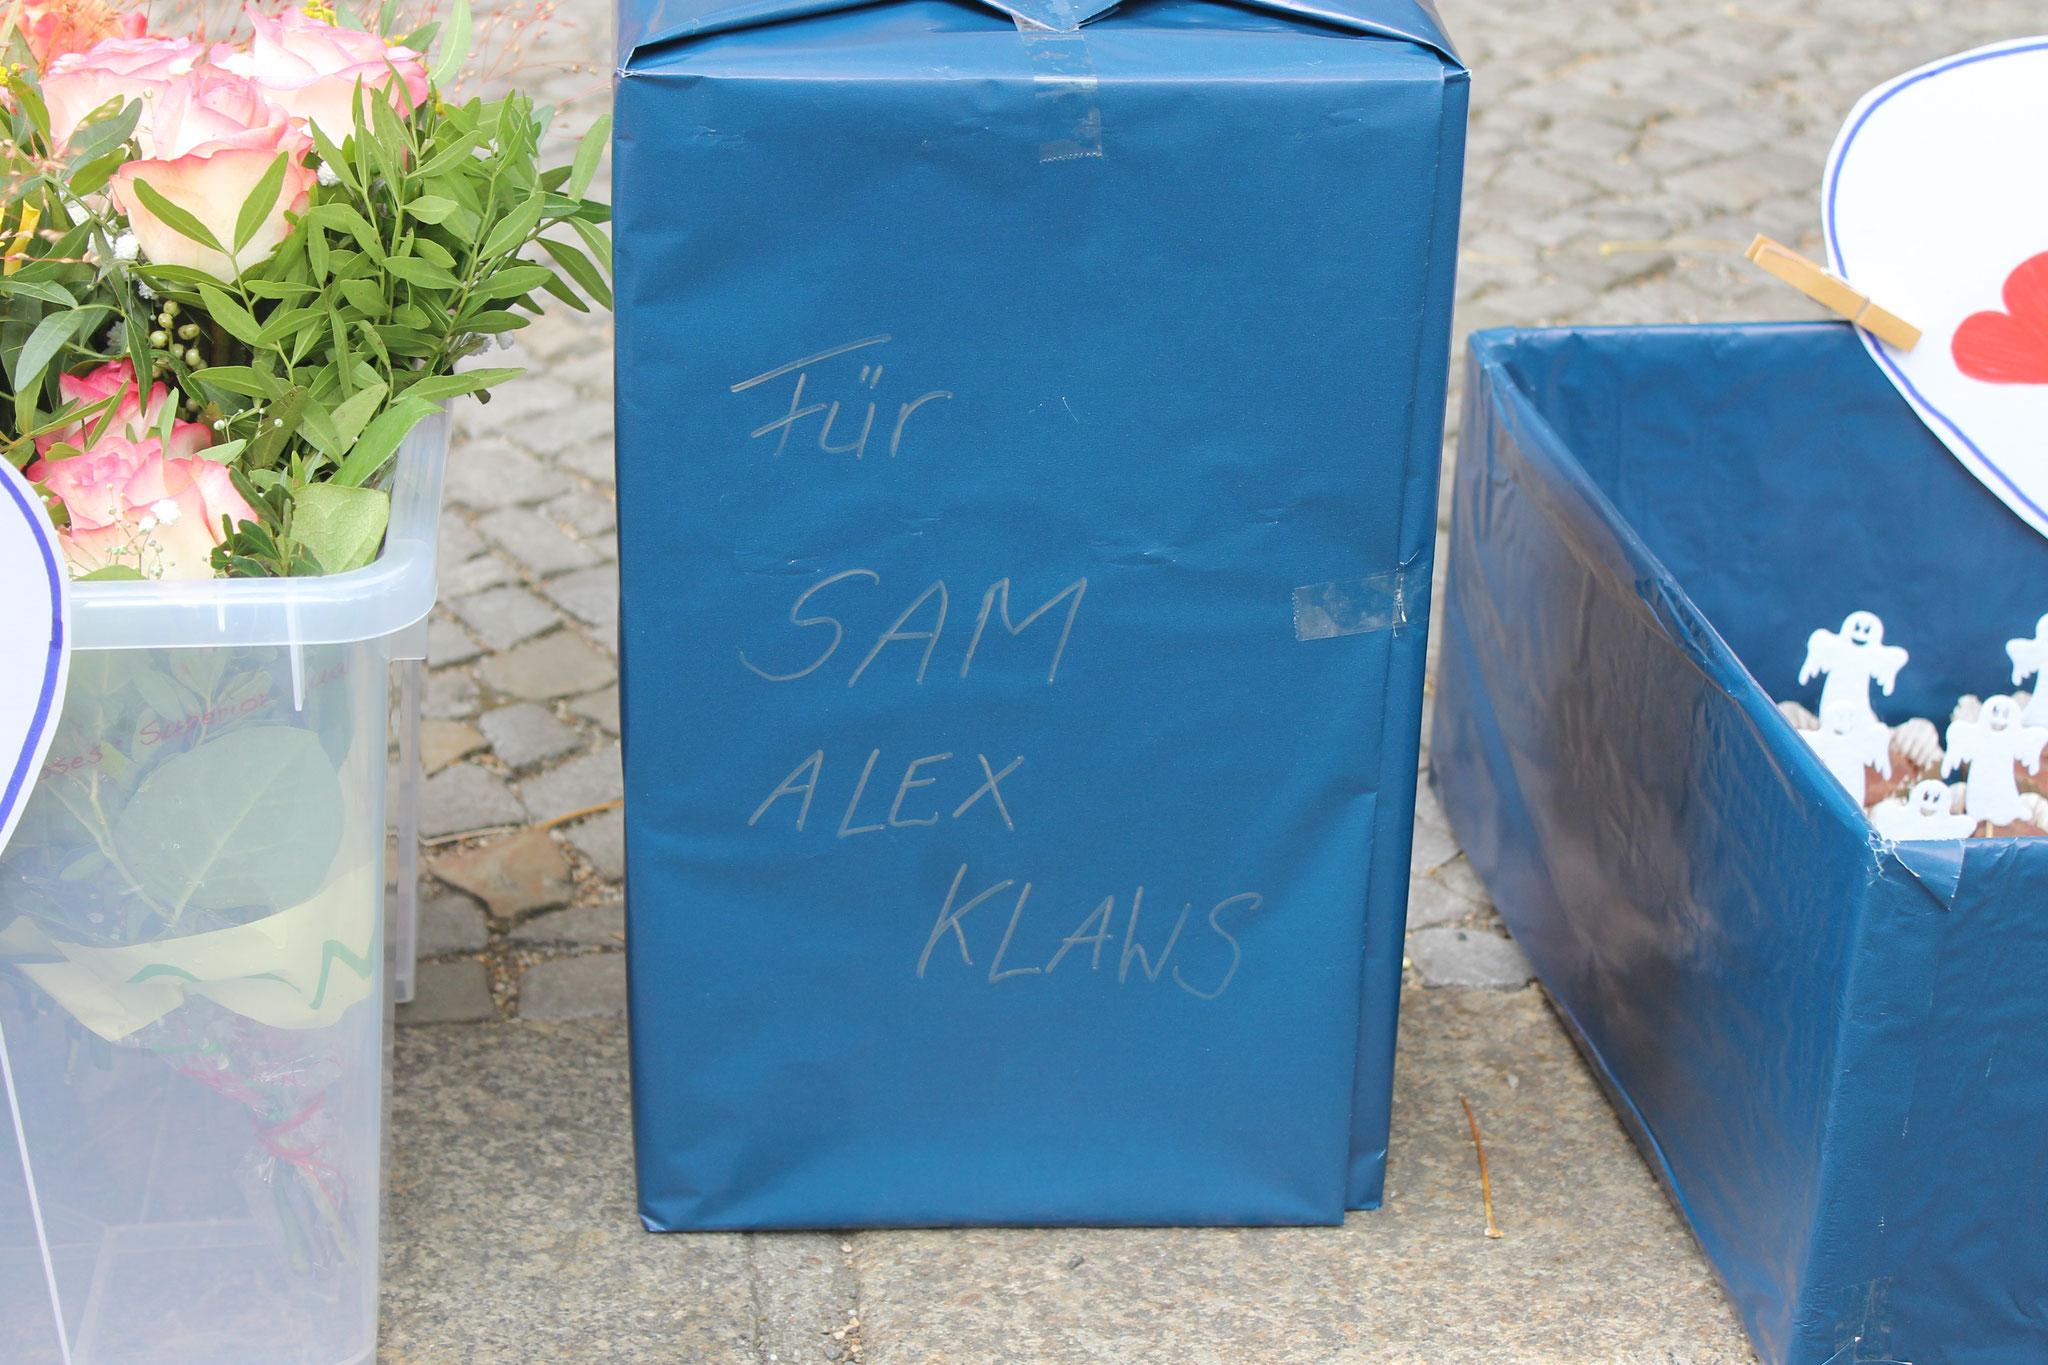 (c) off. Alexander Klaws Fanclub - Geschenk für Alex